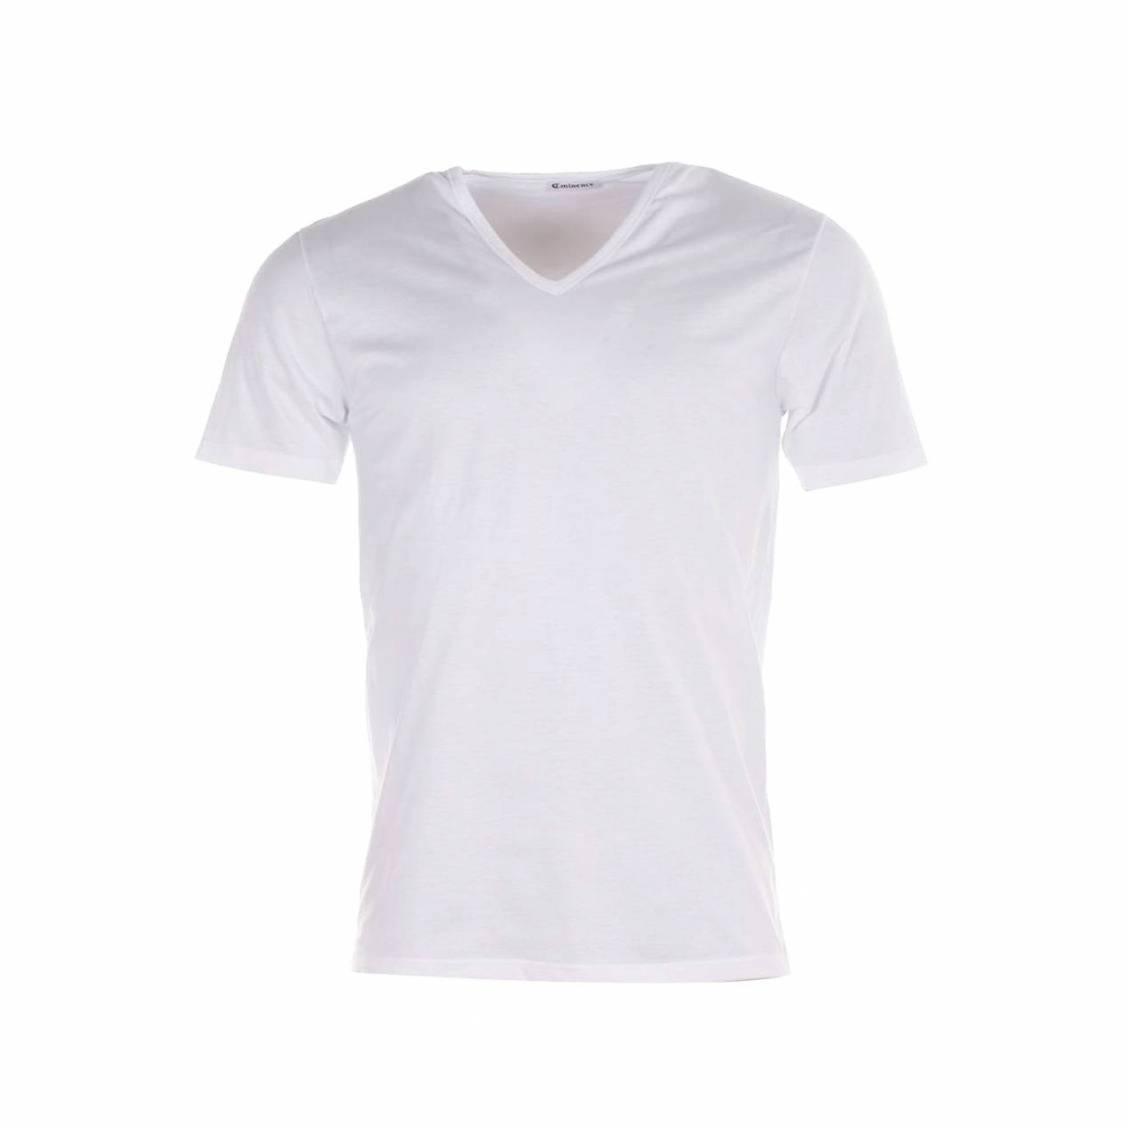 Tee-shirt Luxor Eminence col V blanc, en pur coton d'Egypte hypoallergénique